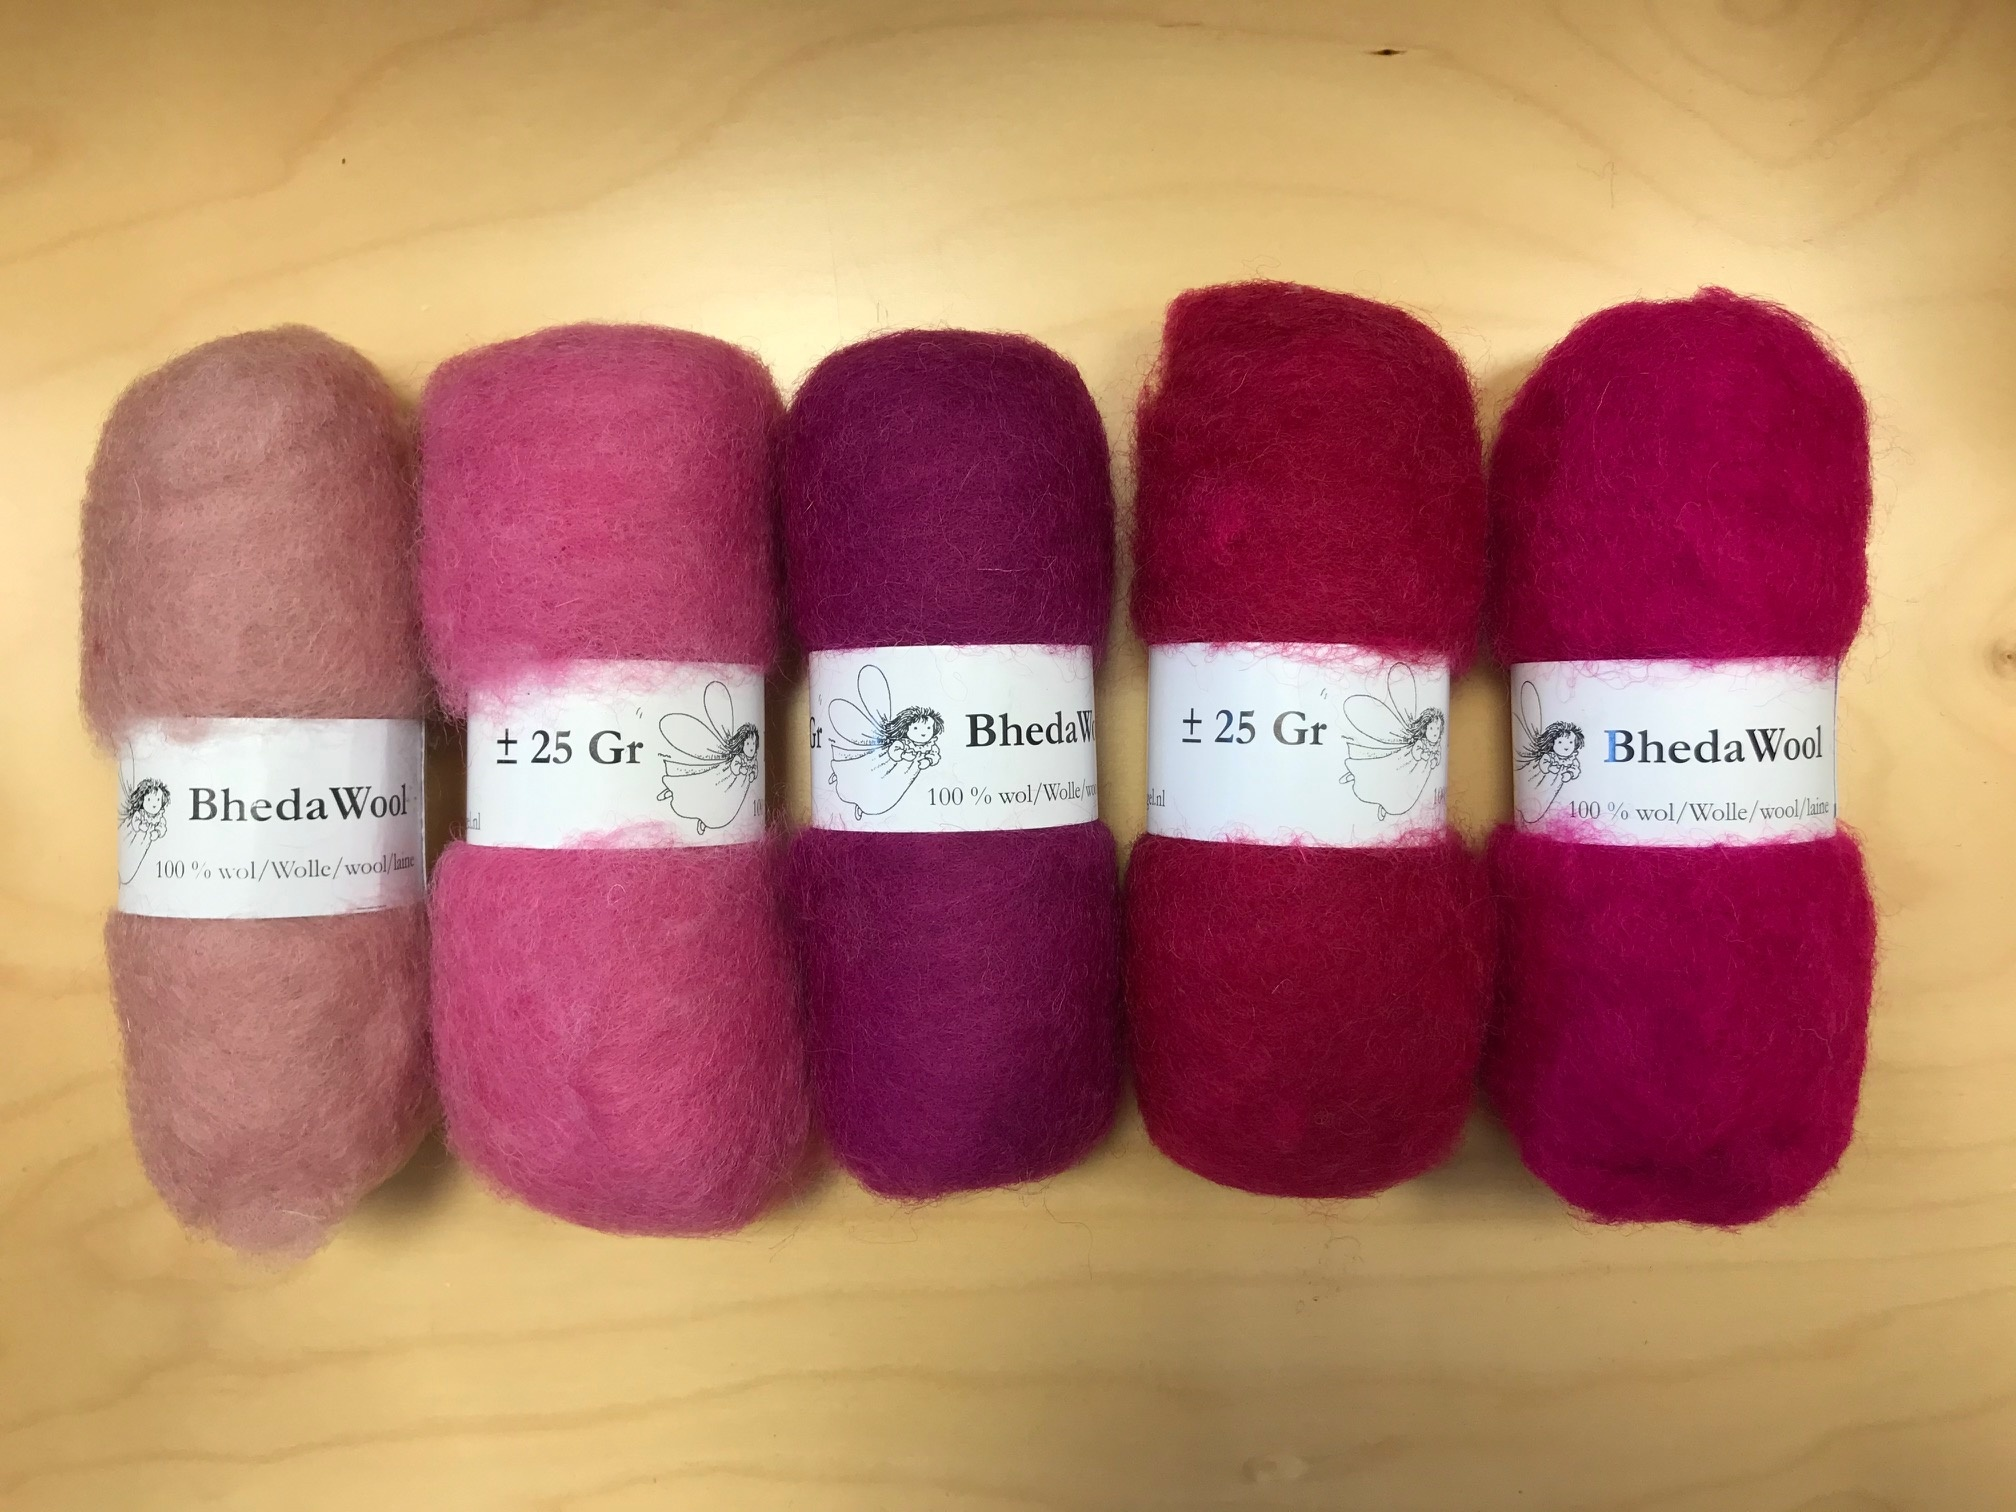 Bheda wool Bhedawol Set - 5 stuks van  25 gr. - Roze